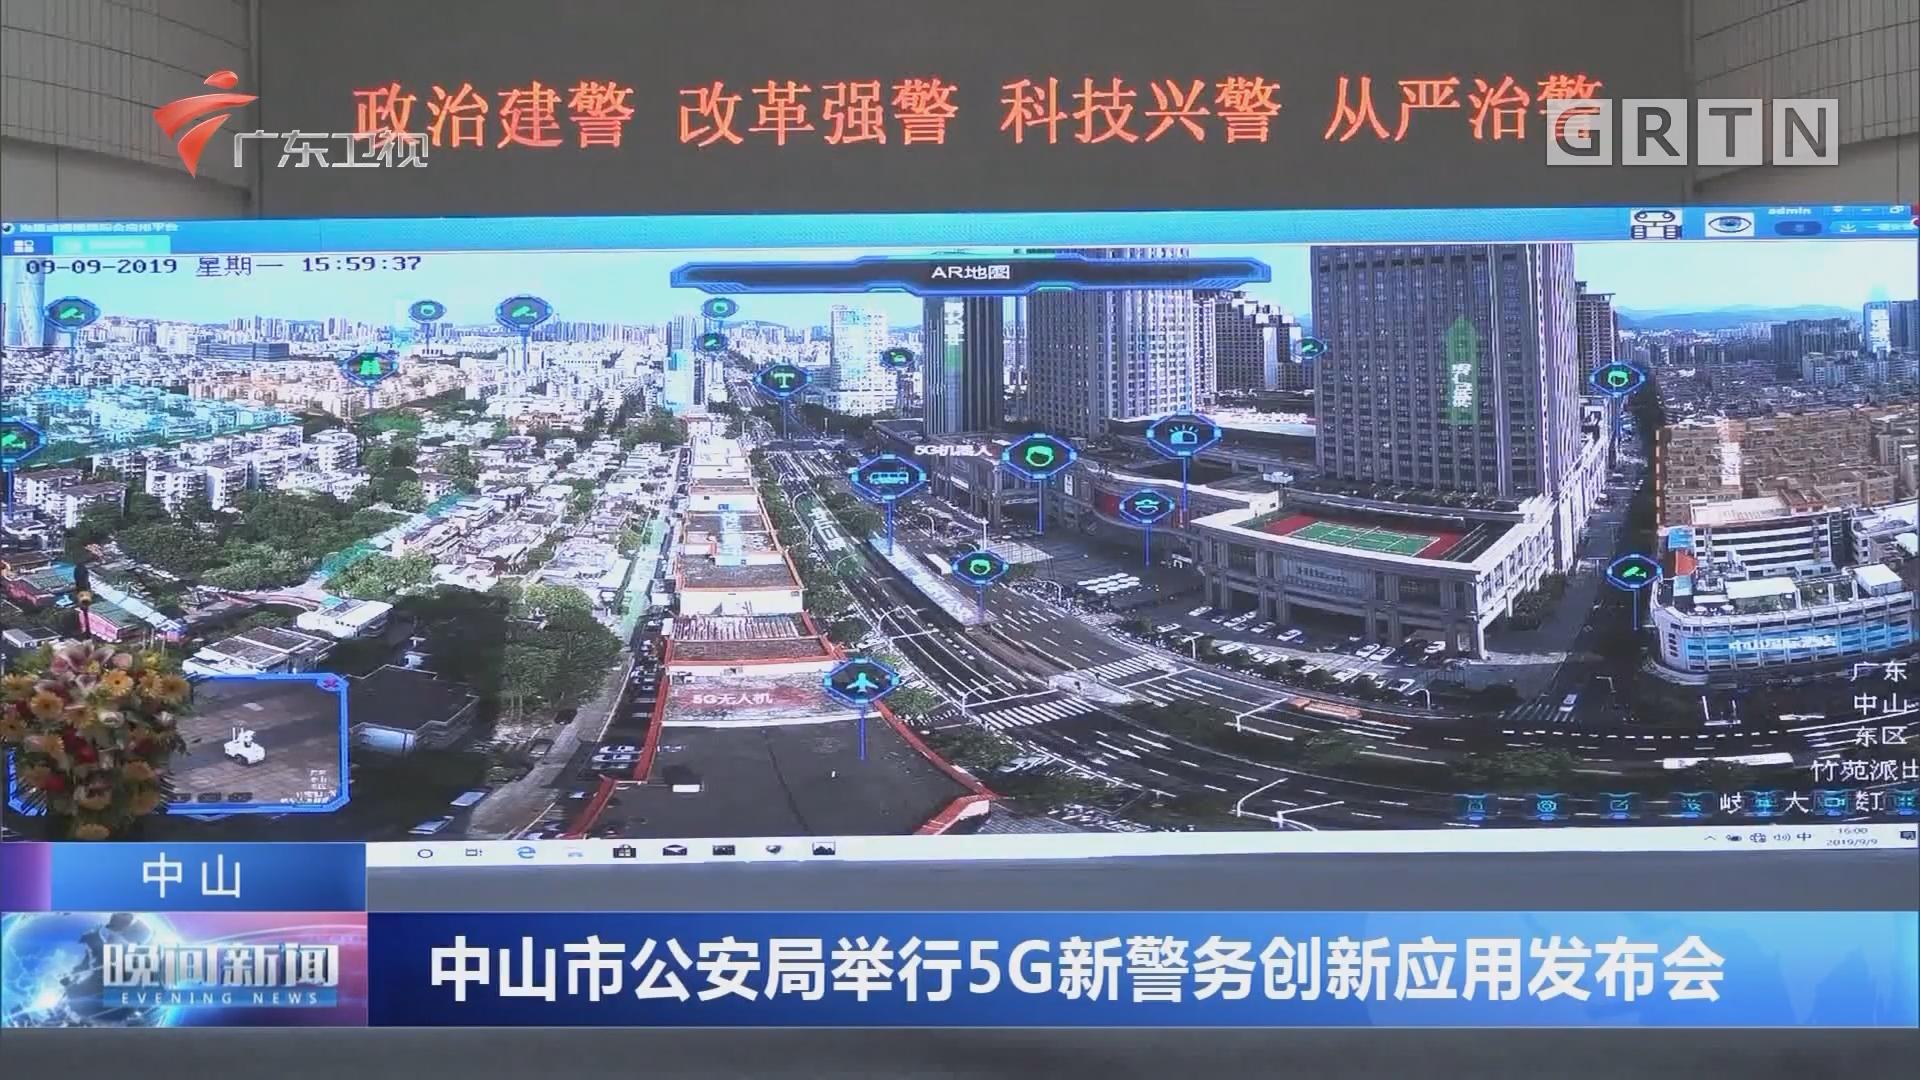 中山:中山市公安局举行5G新警务创新应用发布会